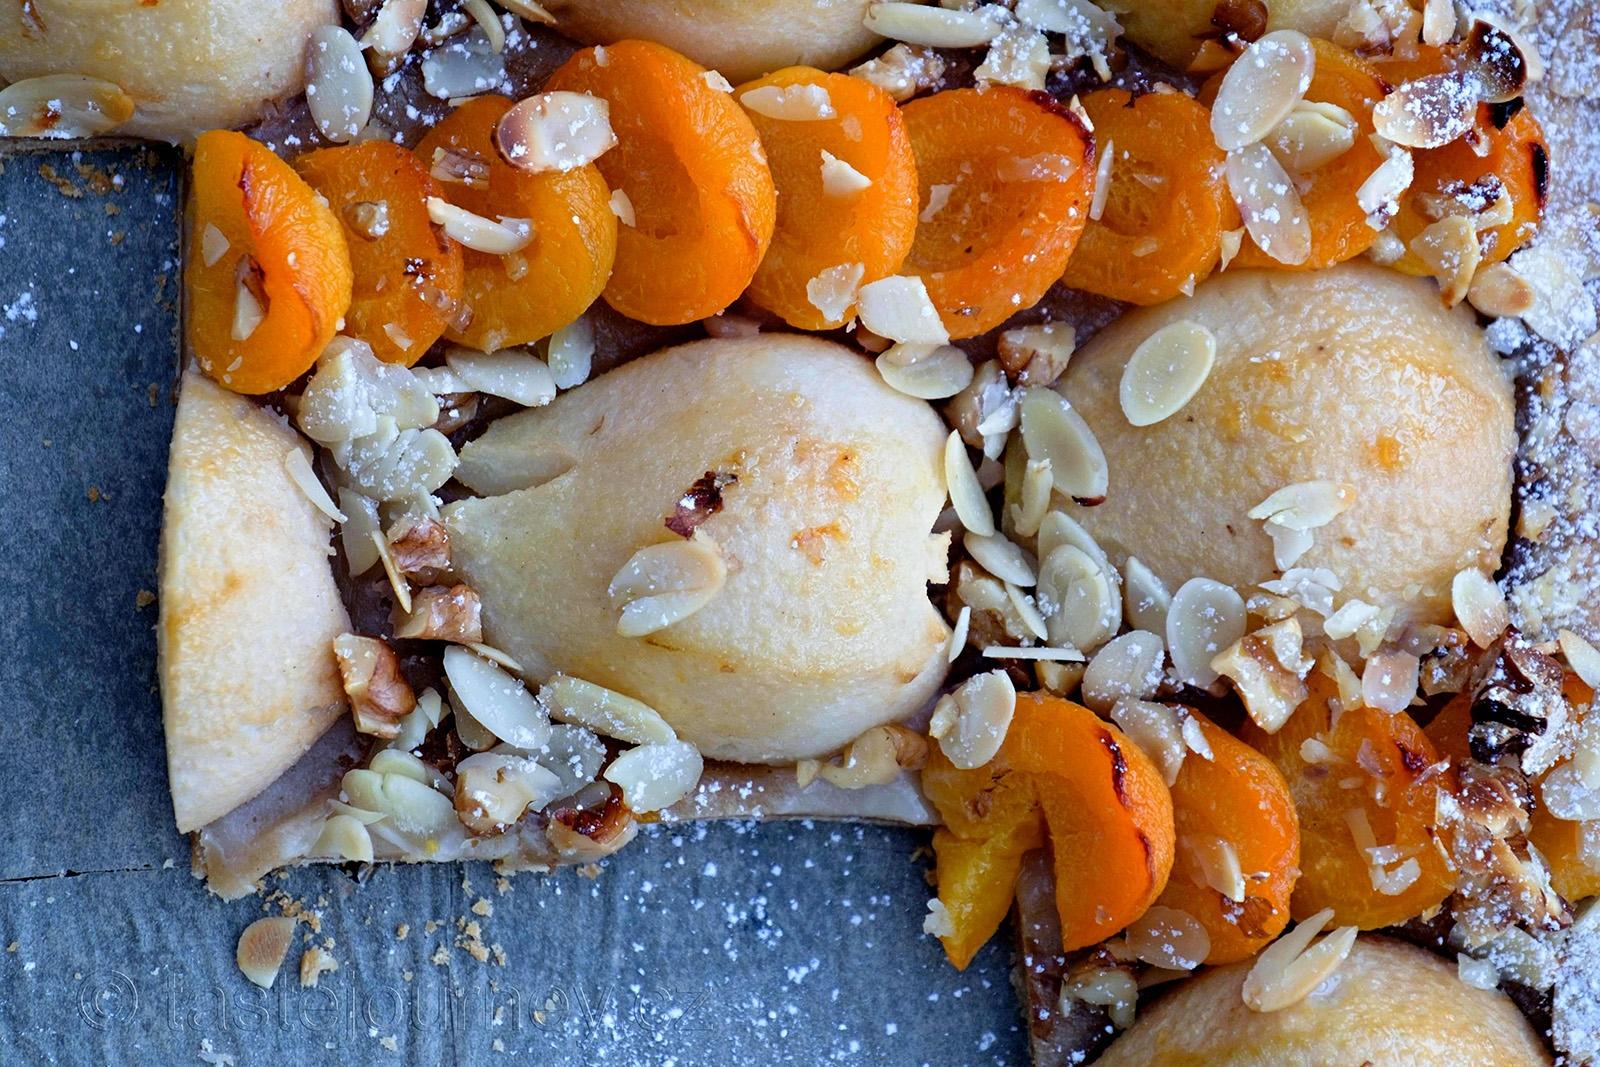 Meruňky a hrušky v průsečíku s mandlemi a ořechy